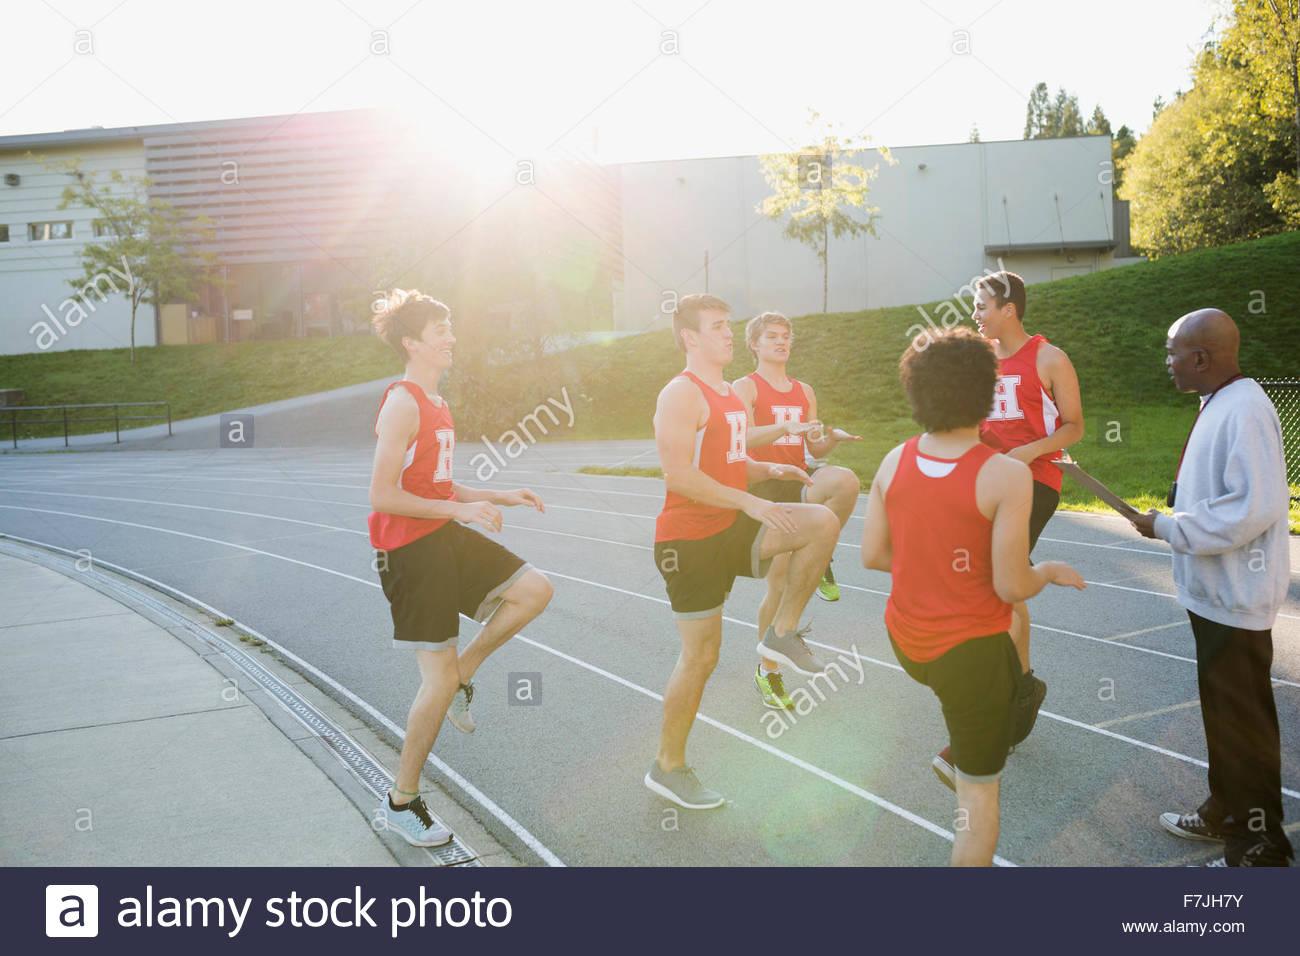 High School Leichtathletik team Aufwärmen Stockbild